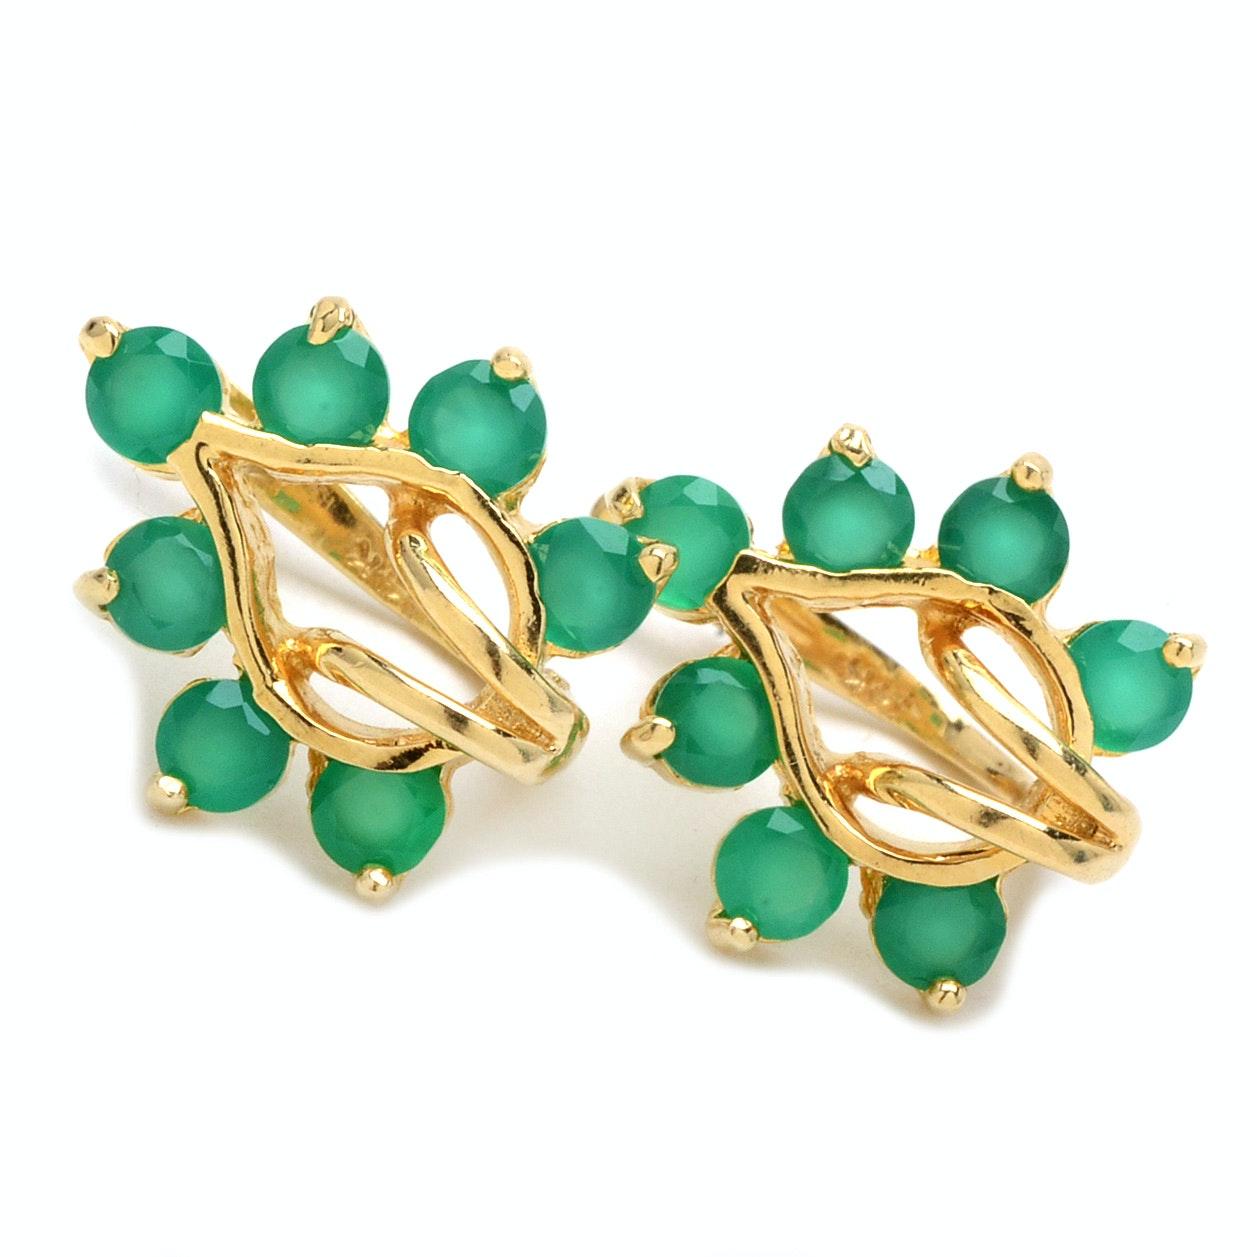 14K Yellow Gold Green Chalcedony Earrings